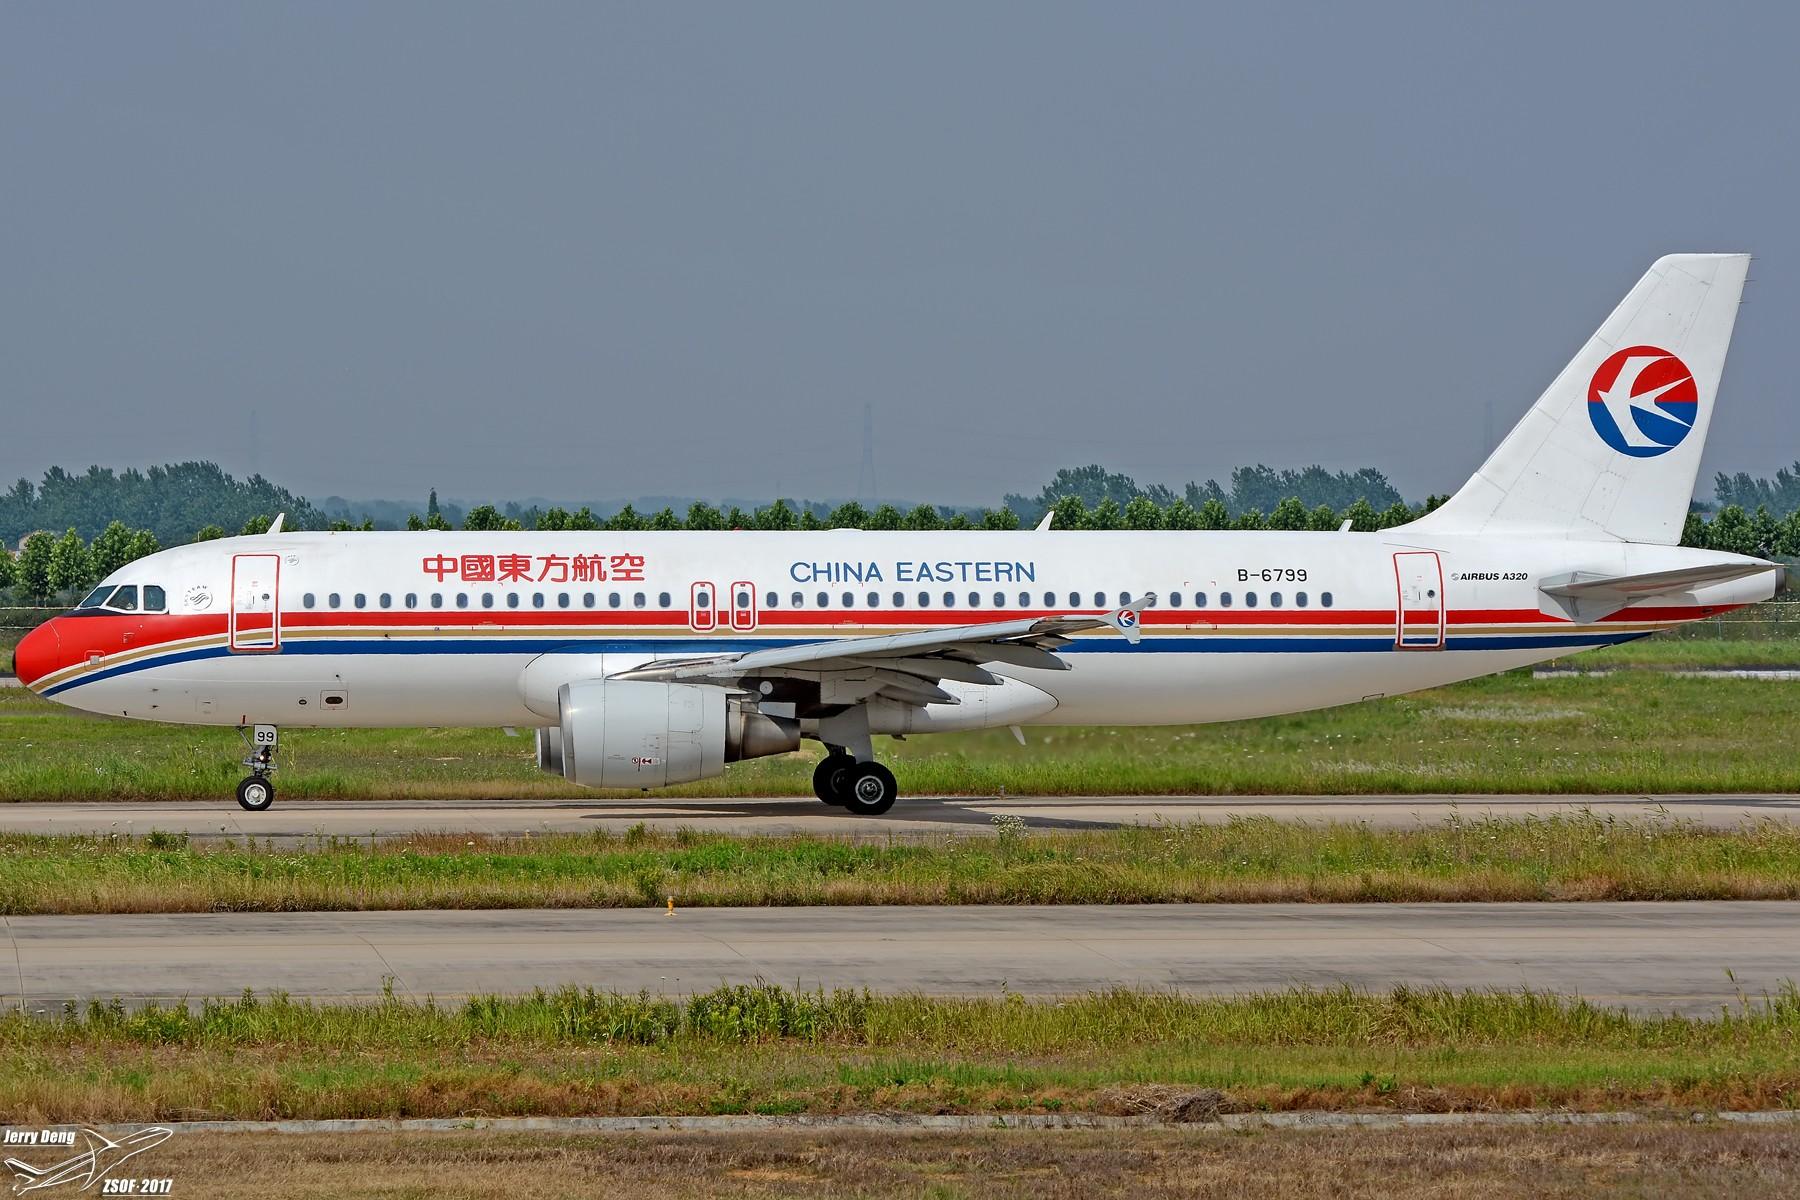 Re:[原创]【多图党】HFE常规货第一次拍到机长挥手 AIRBUS A320-200 B-6799 中国合肥新桥国际机场